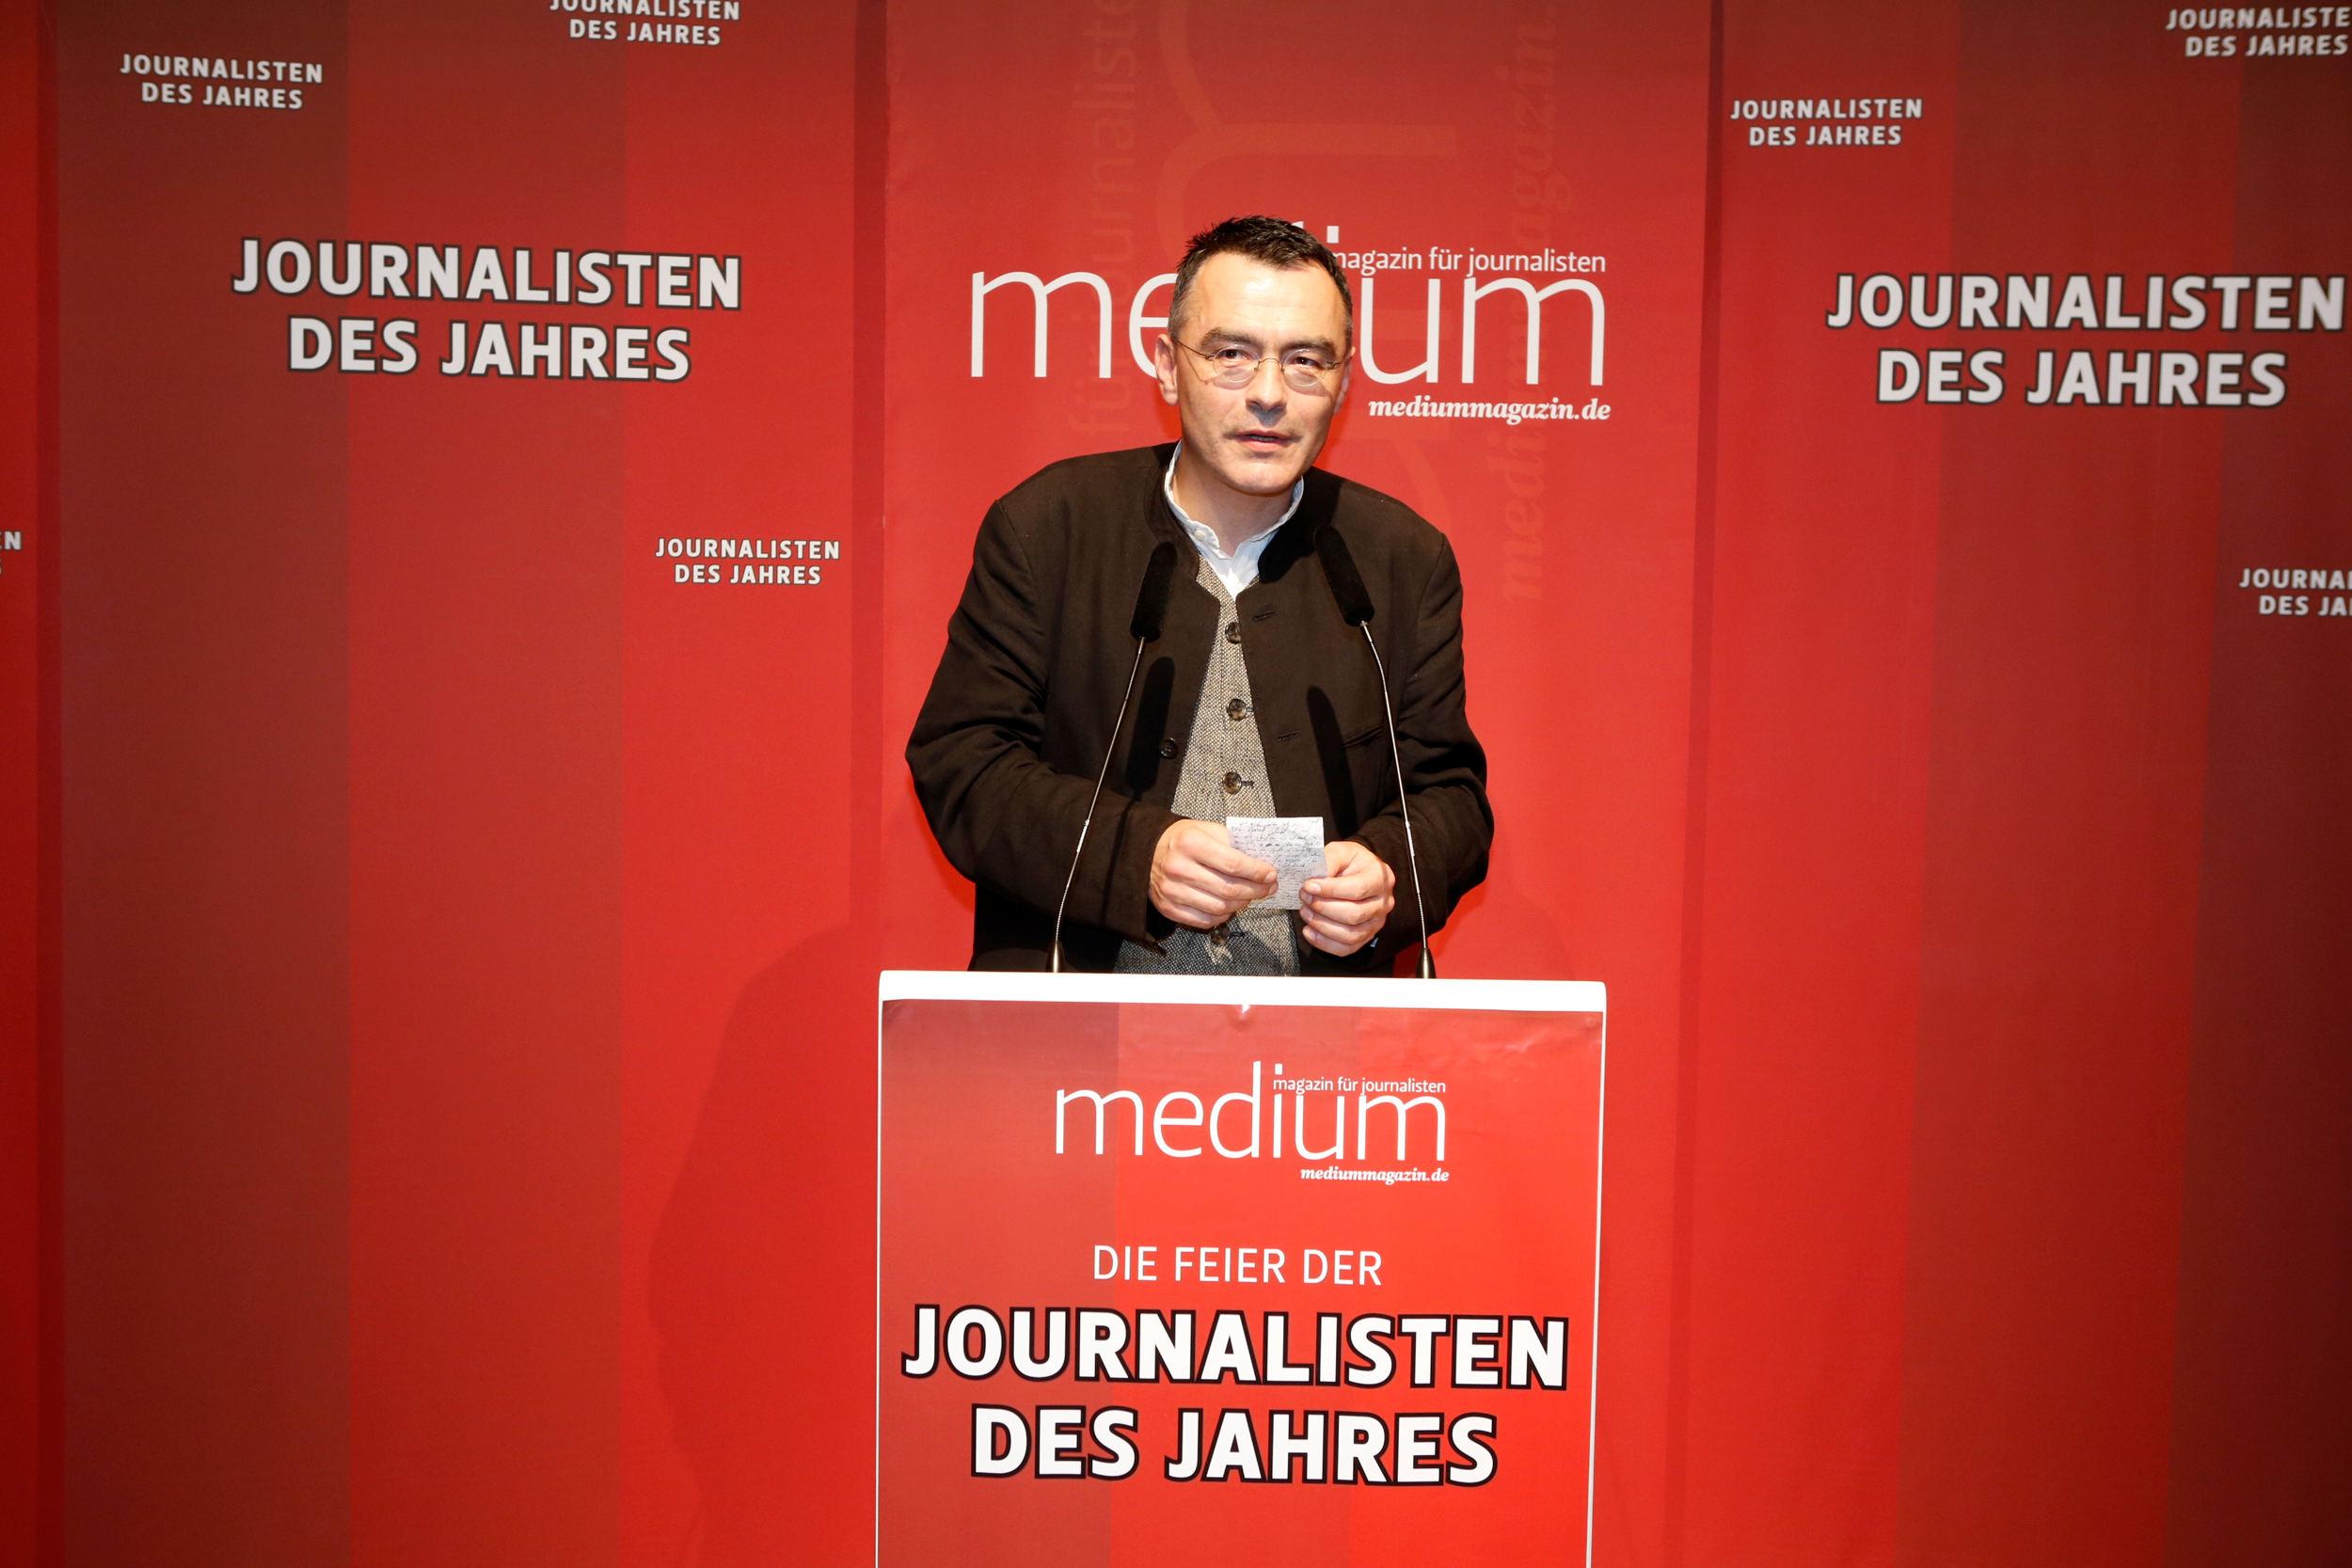 Christoph Reuter (Der Spiegel)